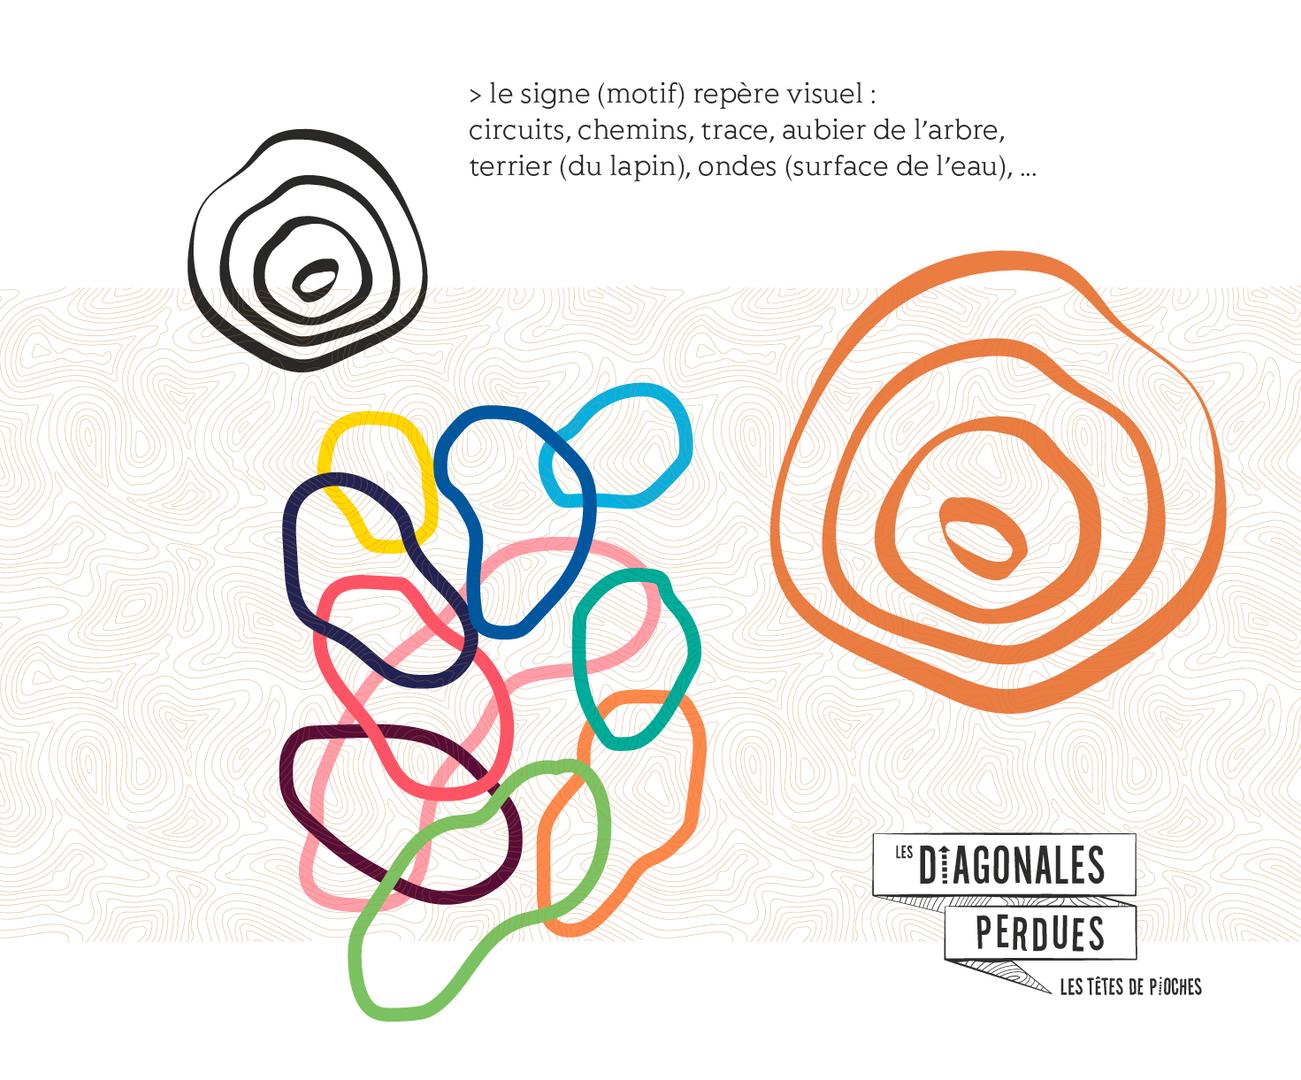 Signaletique de randonnées urbaines et péri-urbaines , les Diagonales Perdues